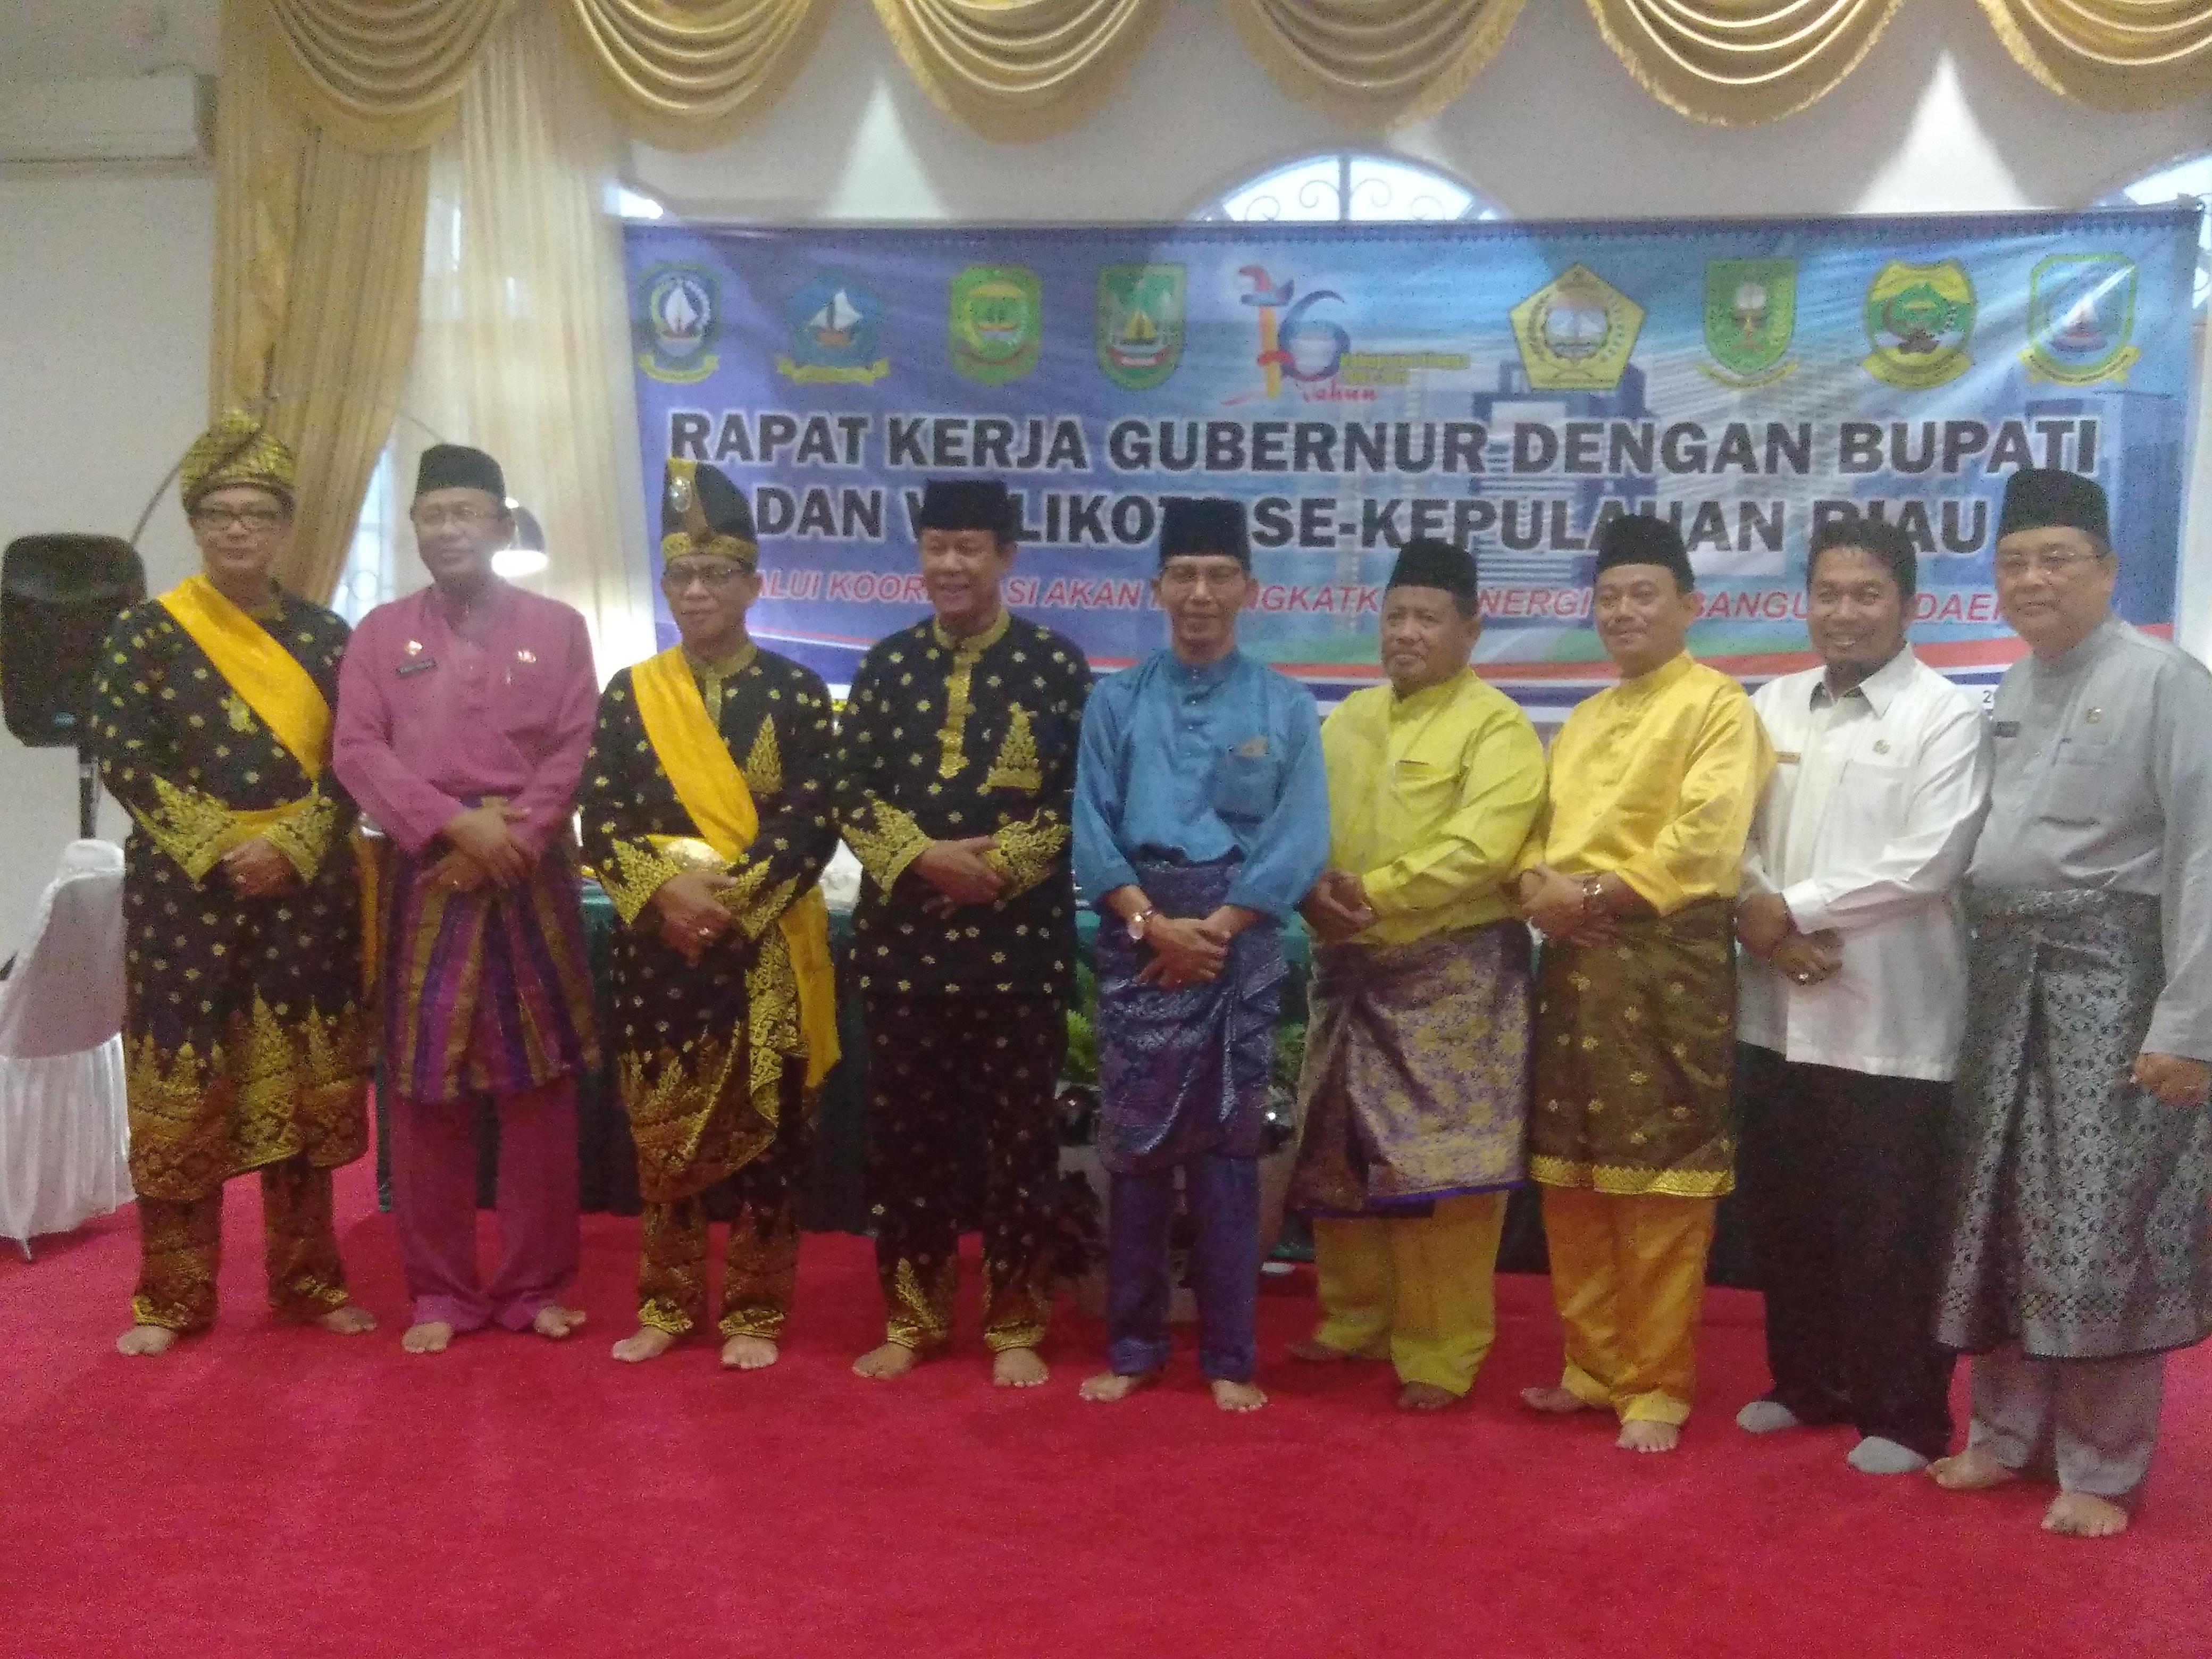 Rapat Kerja Gubernur dengan Bupate dan Walikota S-Provinsi Kepulauan Riau - HUT Kabupaten Lingga